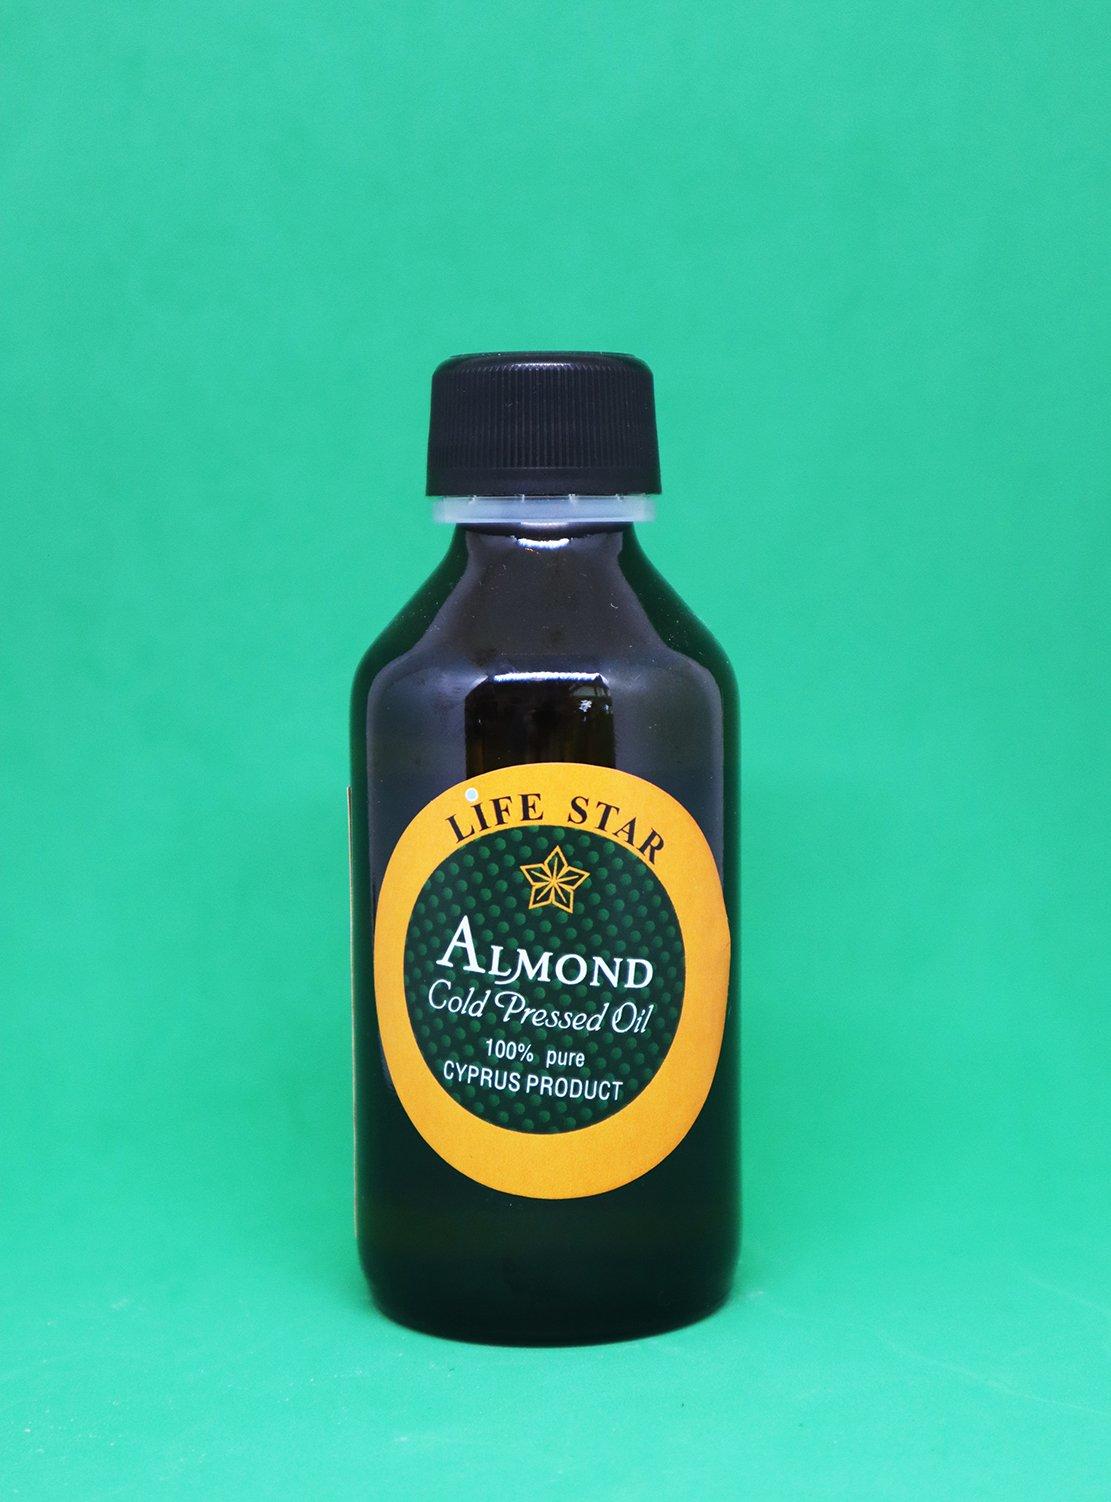 Almond Cold Pressed Oil